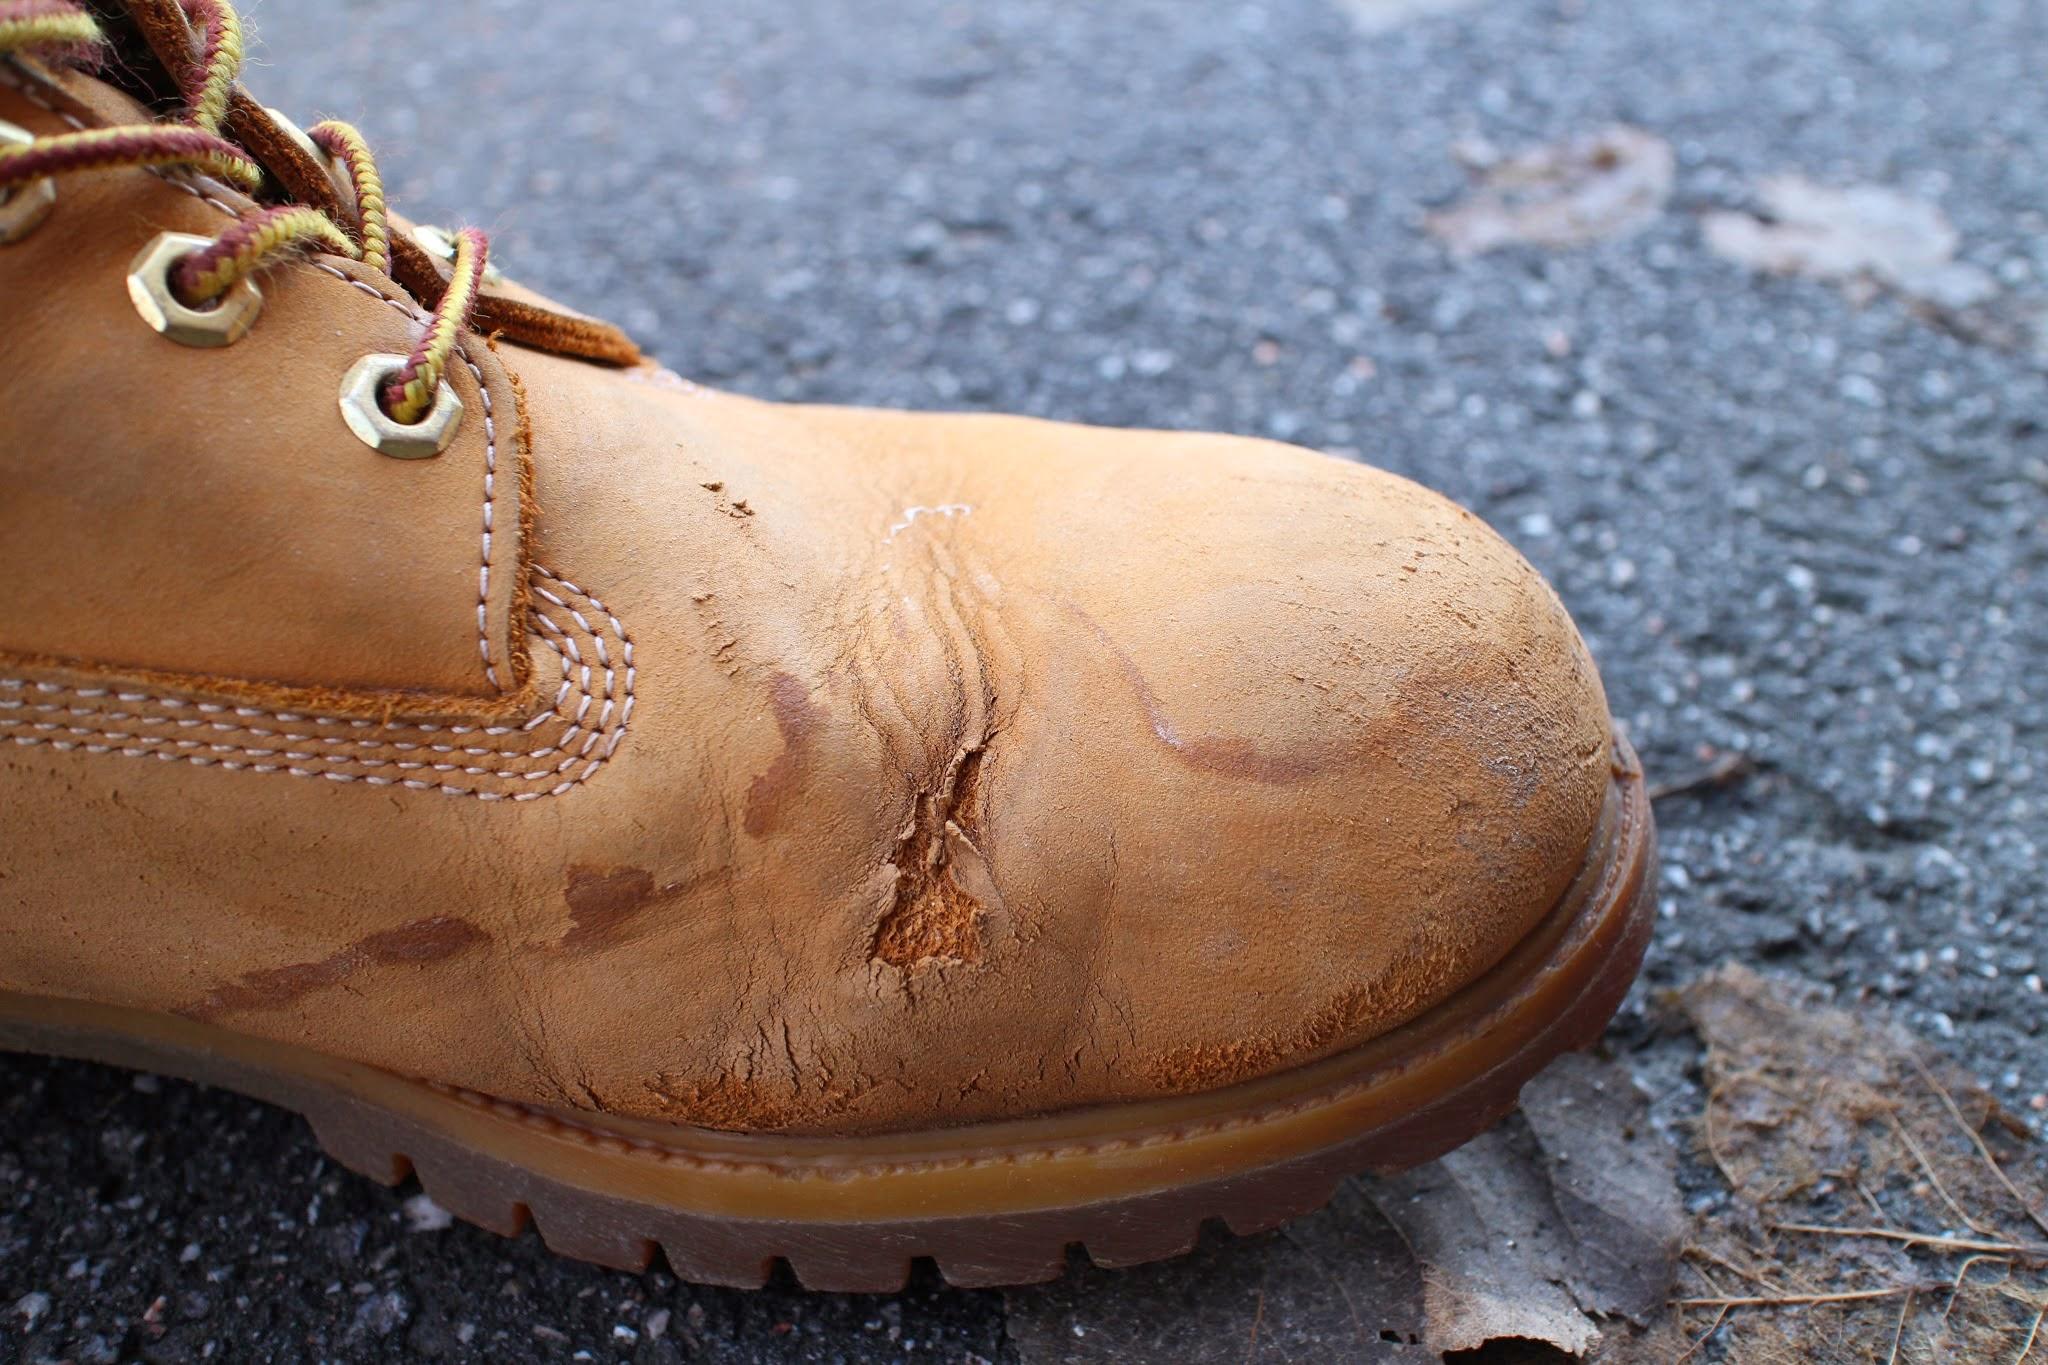 Как увеличить размер обуви СПРОСИ, КАК 55